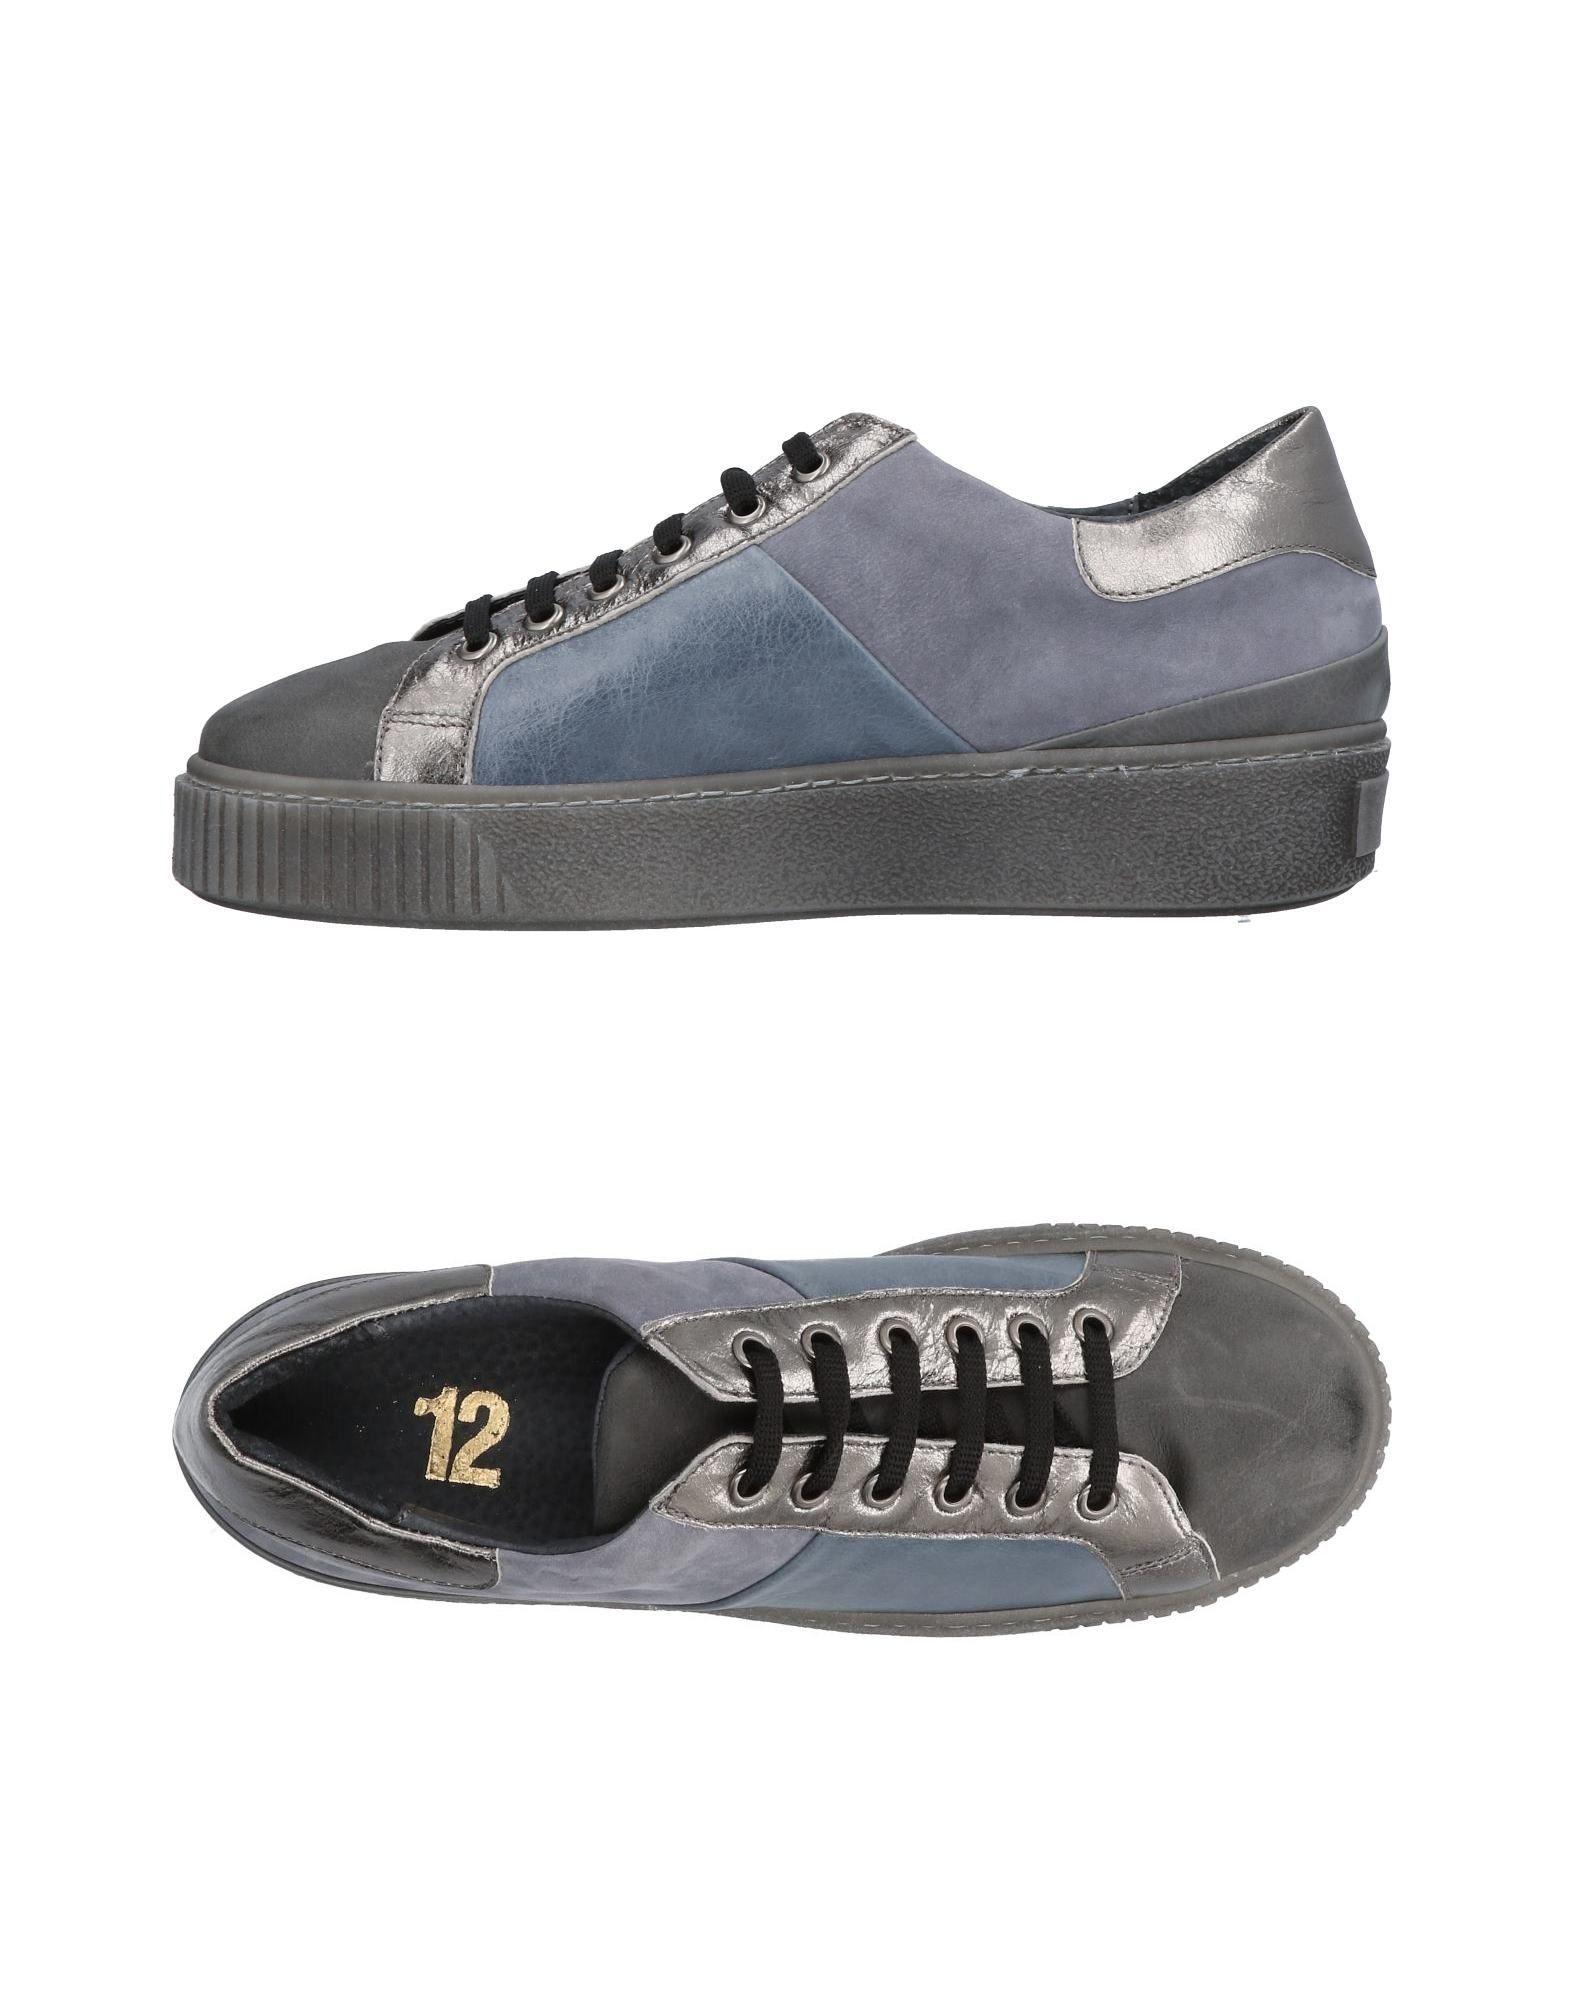 A buon mercato Sneakers Tsd12 Donna - 11453826LH